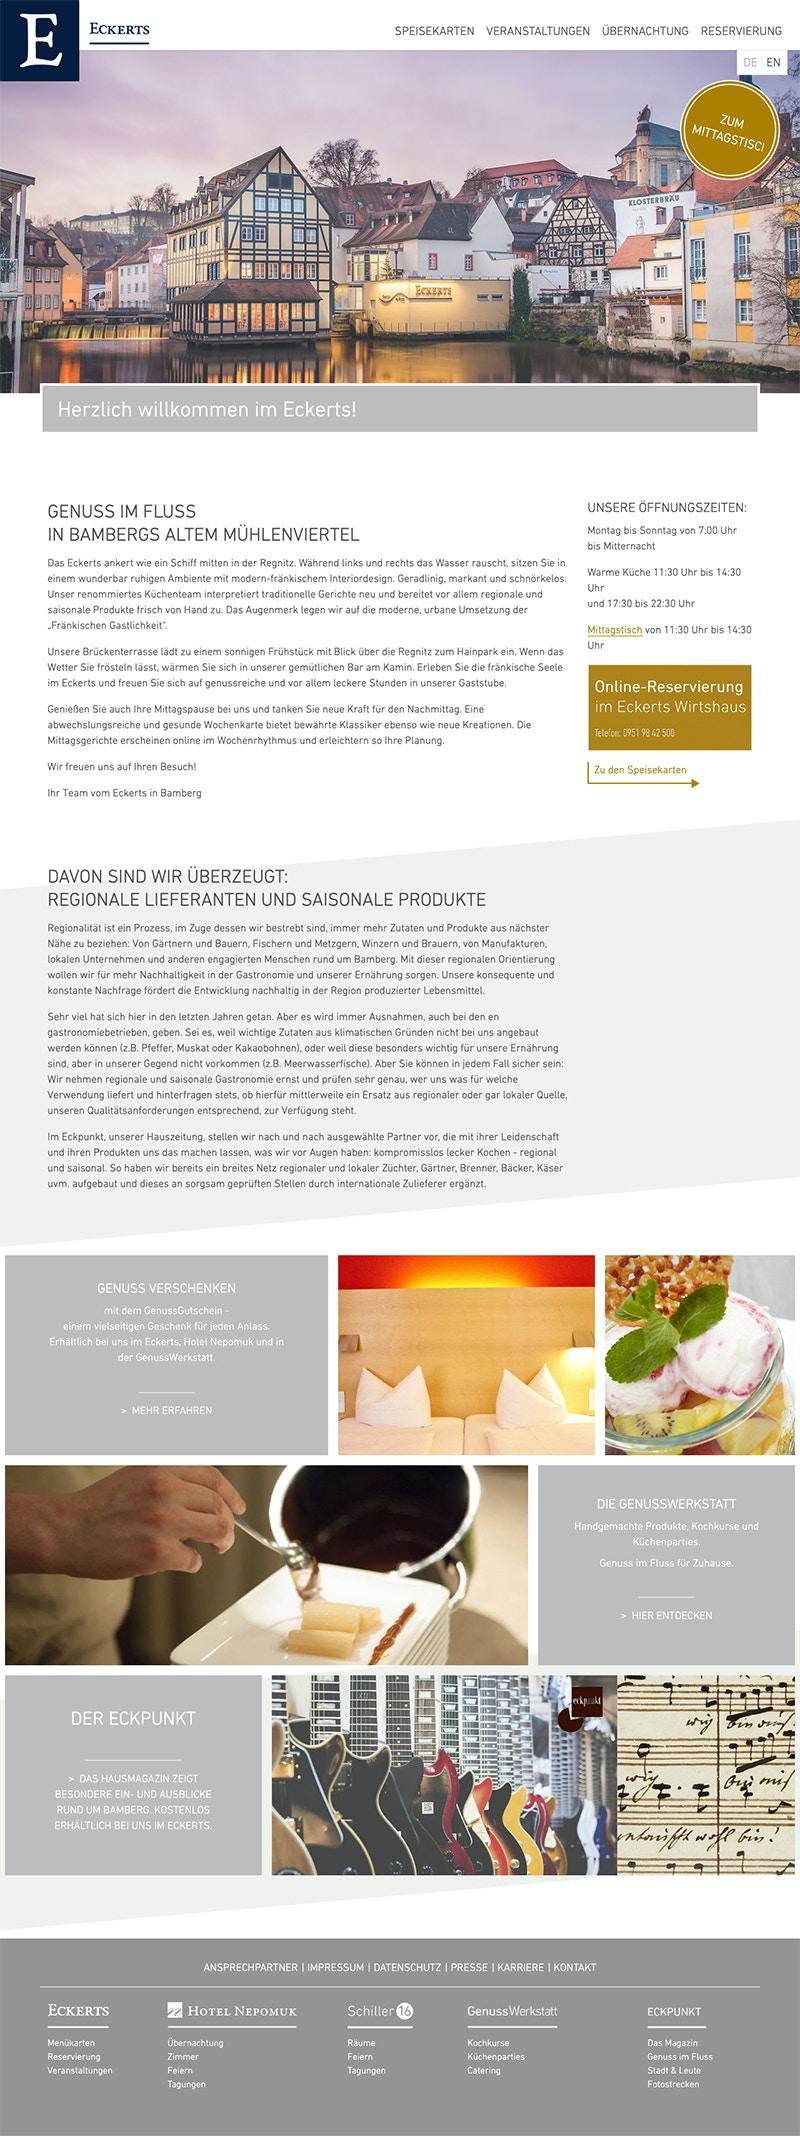 Verwaltung mehrerer Webseiten mit einem CMS